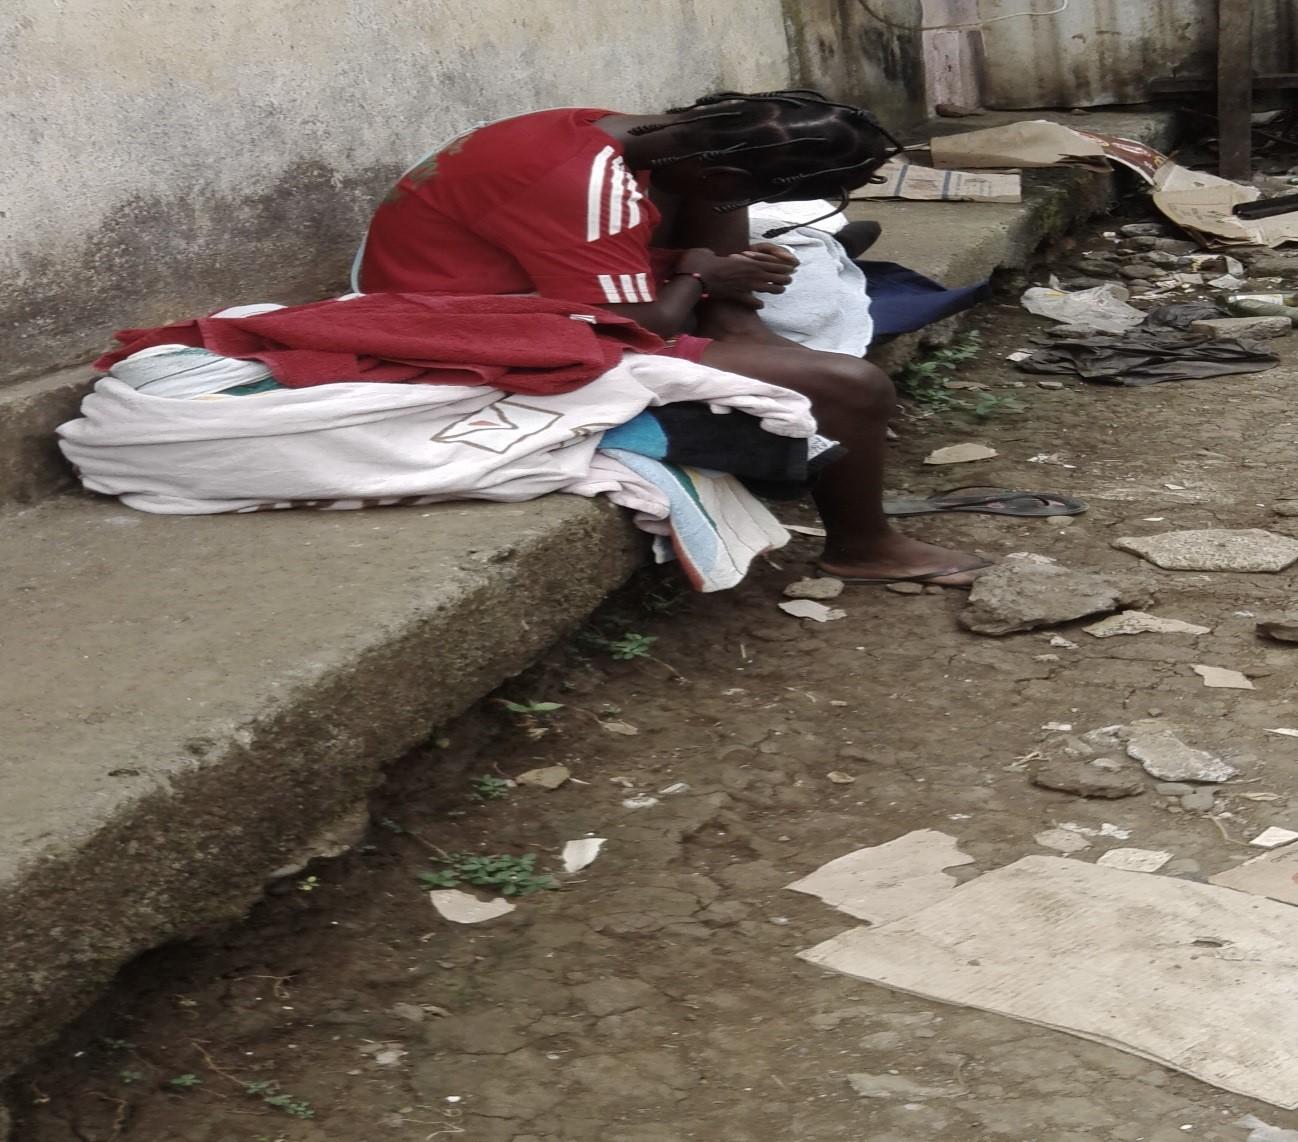 Foto, Niña descansando entre las ropas usadas que vende en los barrios